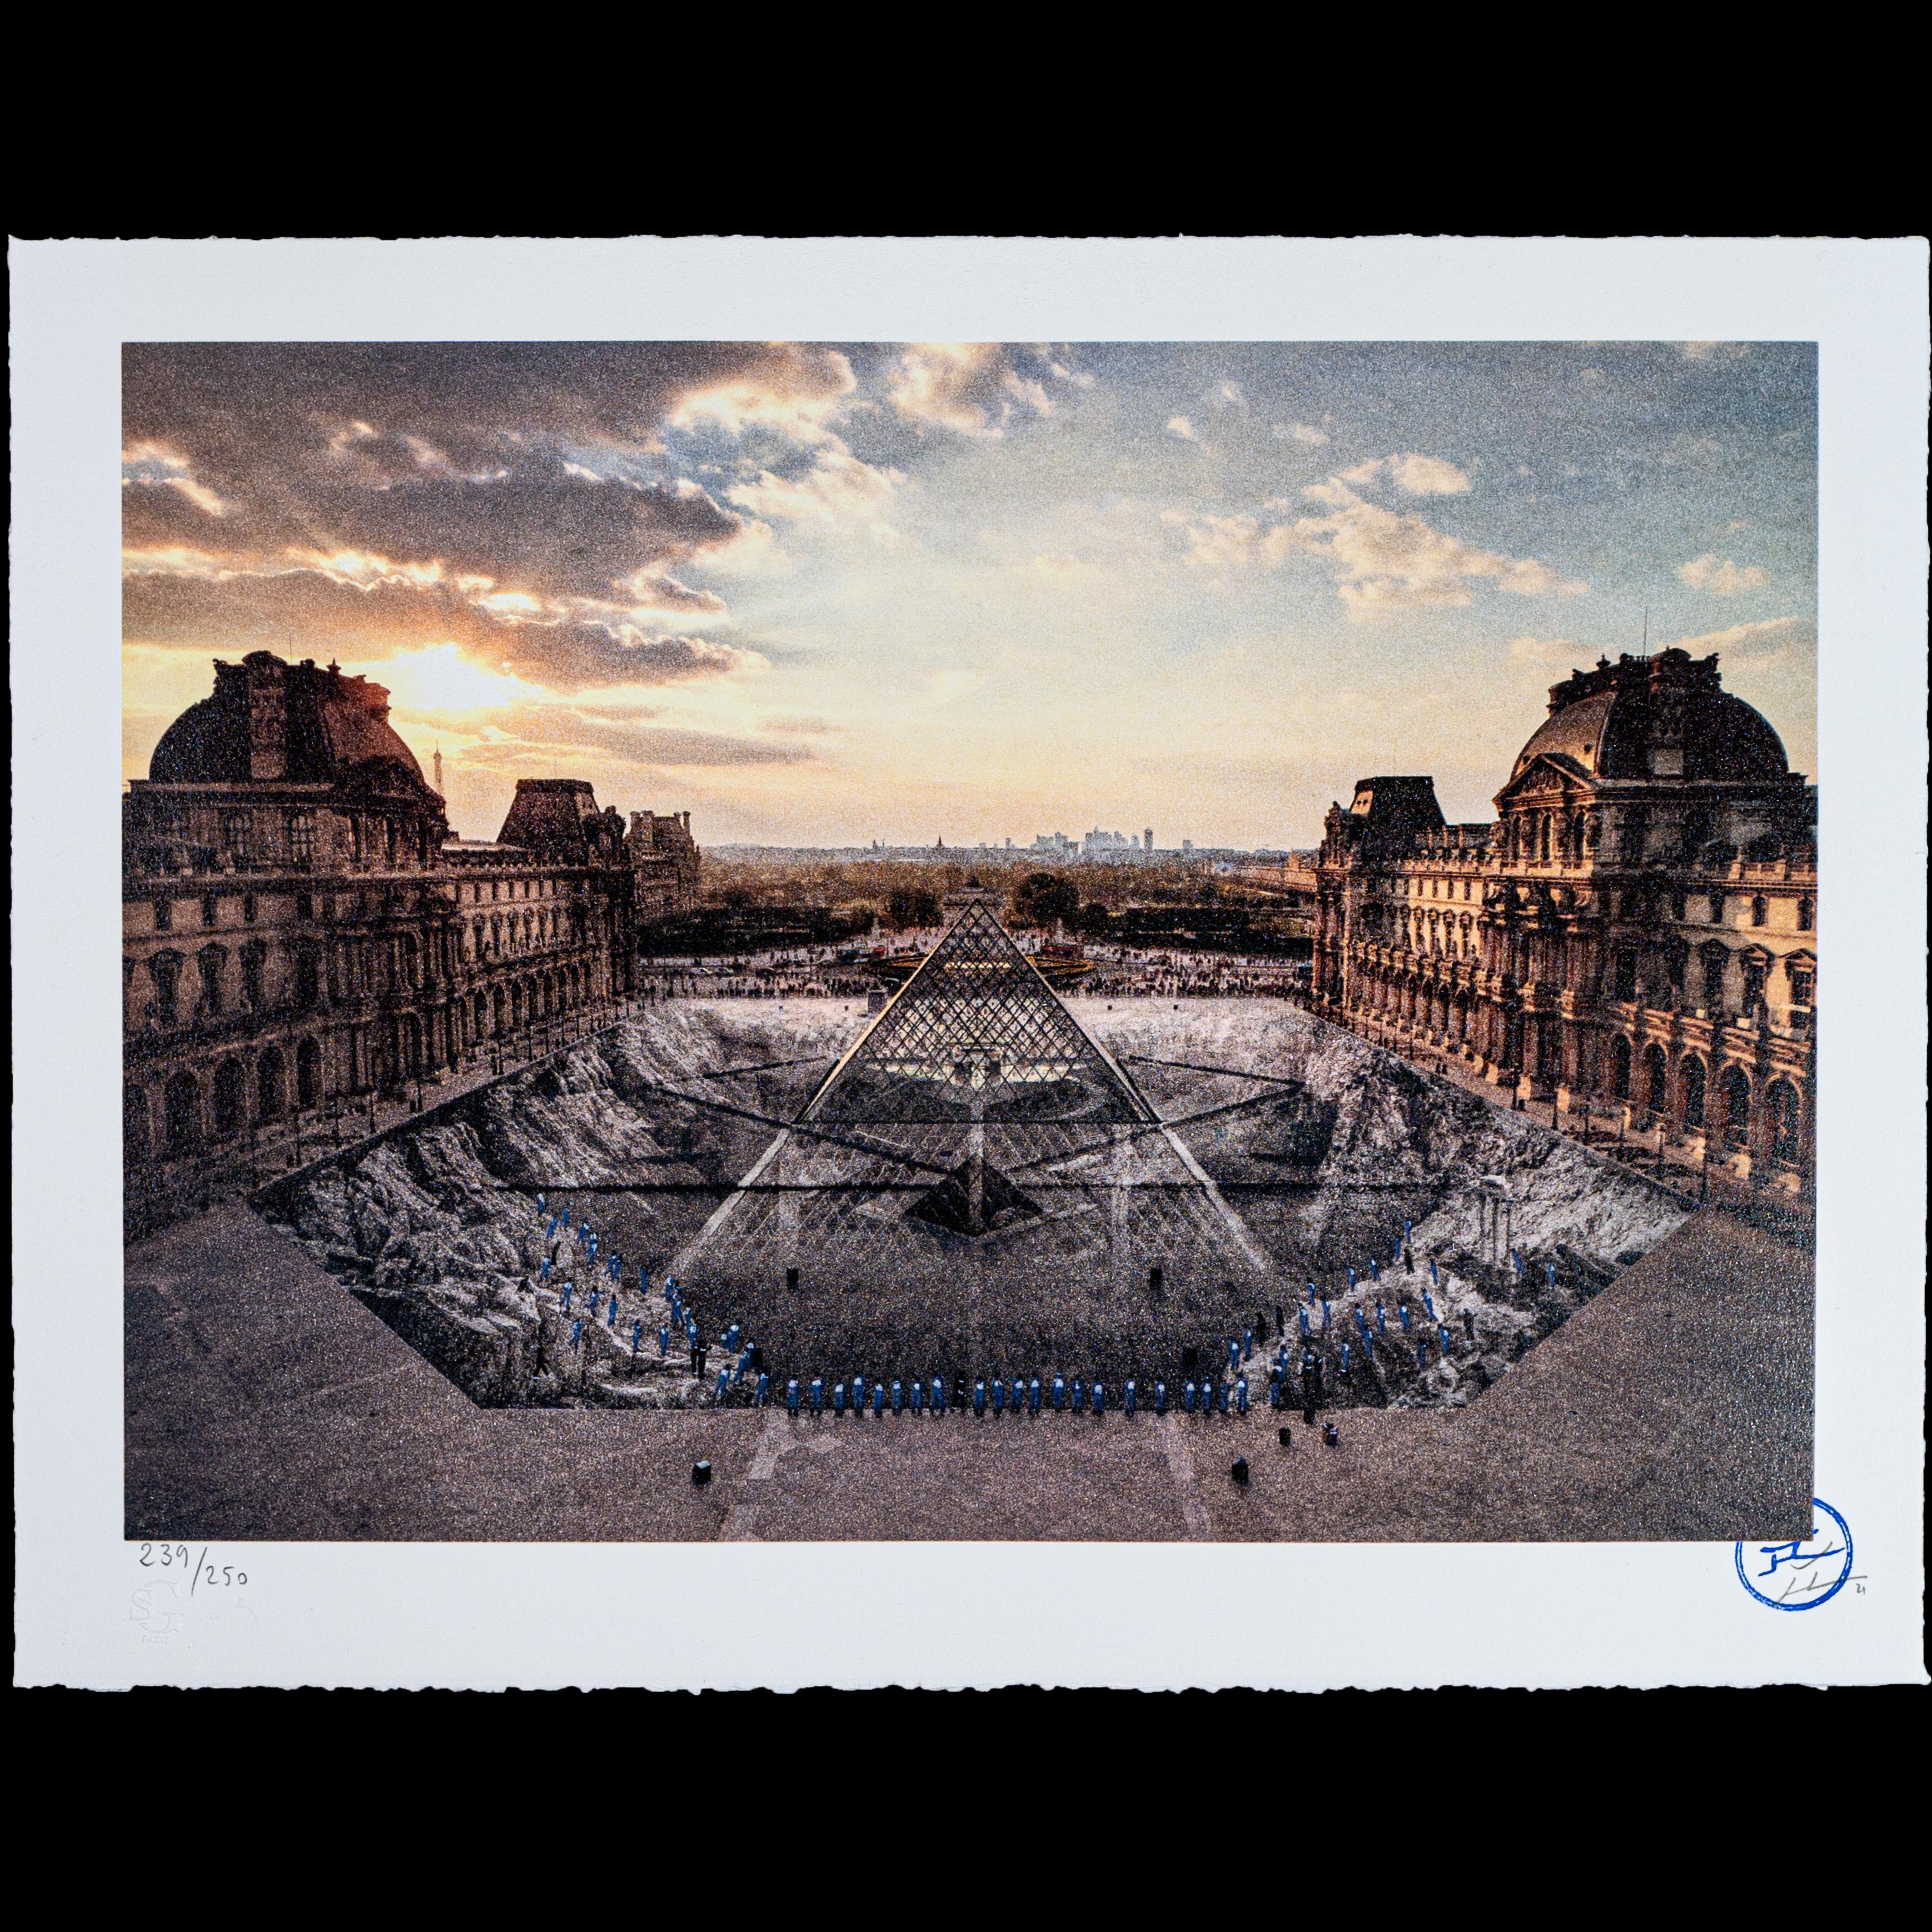 JR au Louvre, 29 Mars 2019, 18h08 - Contemporary, 21st Century, Print, Edition